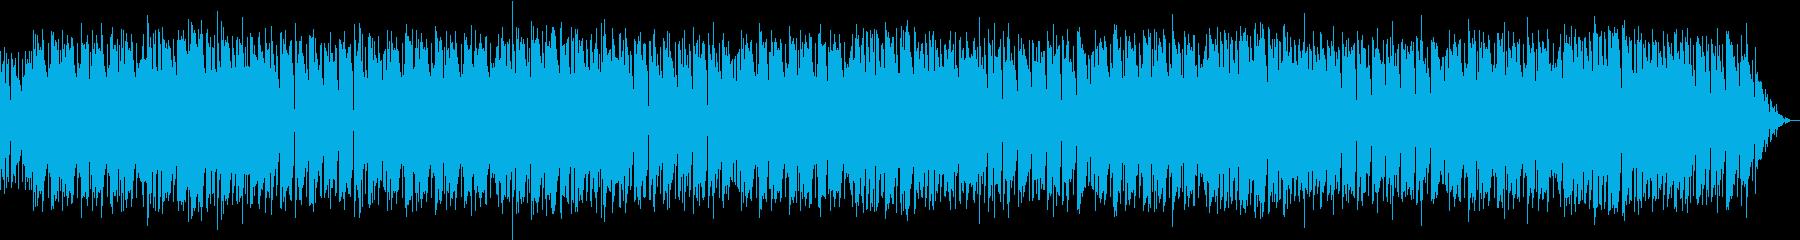 グルーヴを感じる80年代風のBGMの再生済みの波形